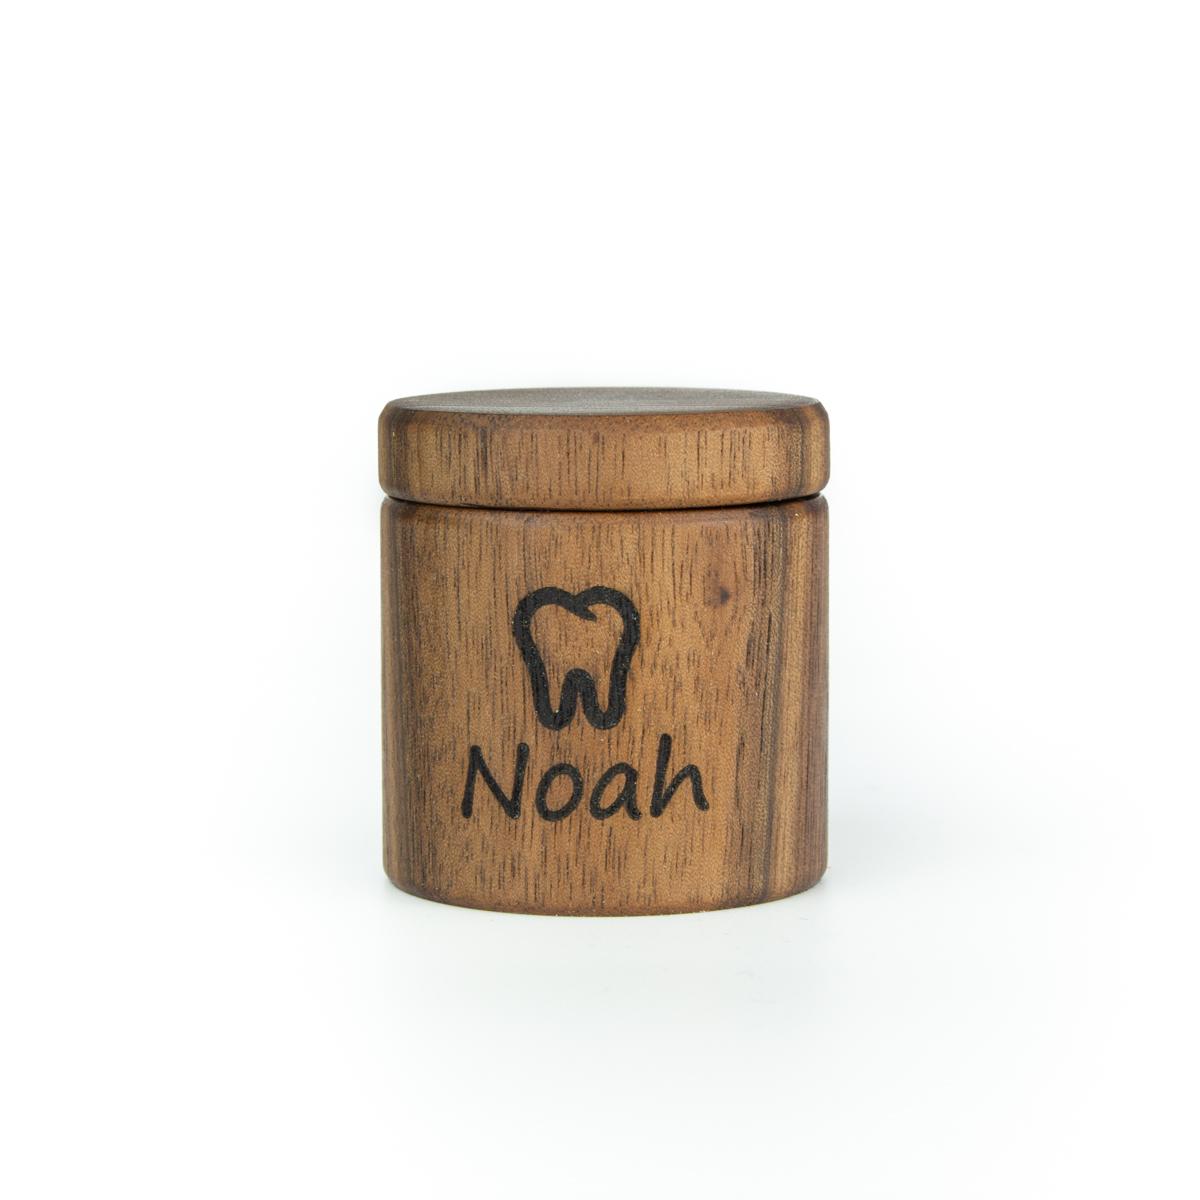 Zahndose für Milchzähne aus Nussbaum mit Gravur